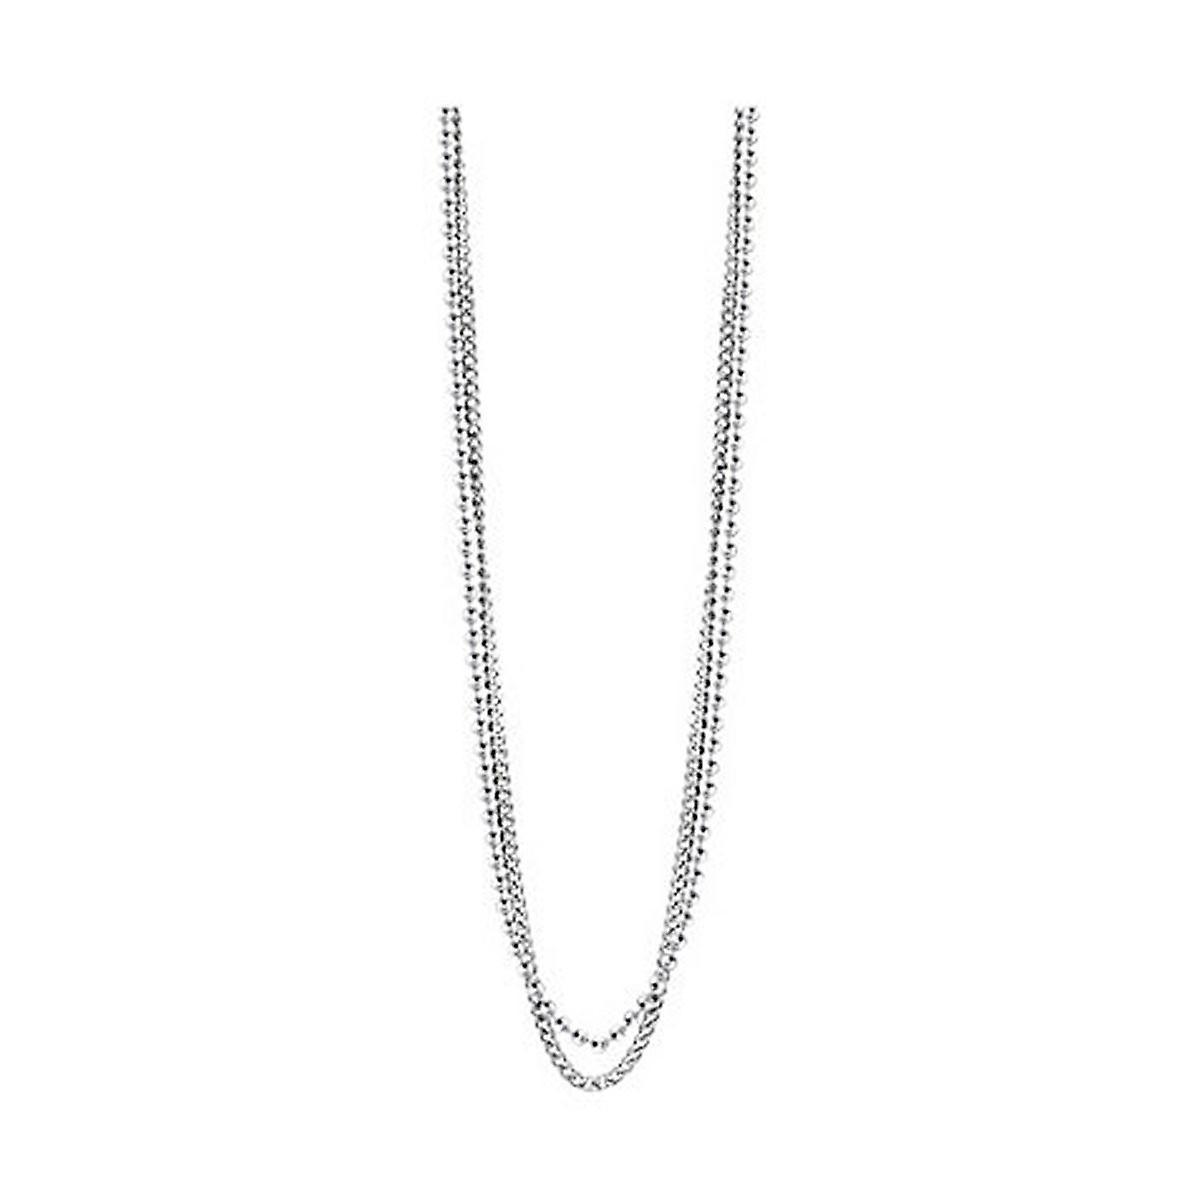 9b3ce511b615 Cadena collar de acero inoxidable GUESS hombre UMN21509 de plata ...